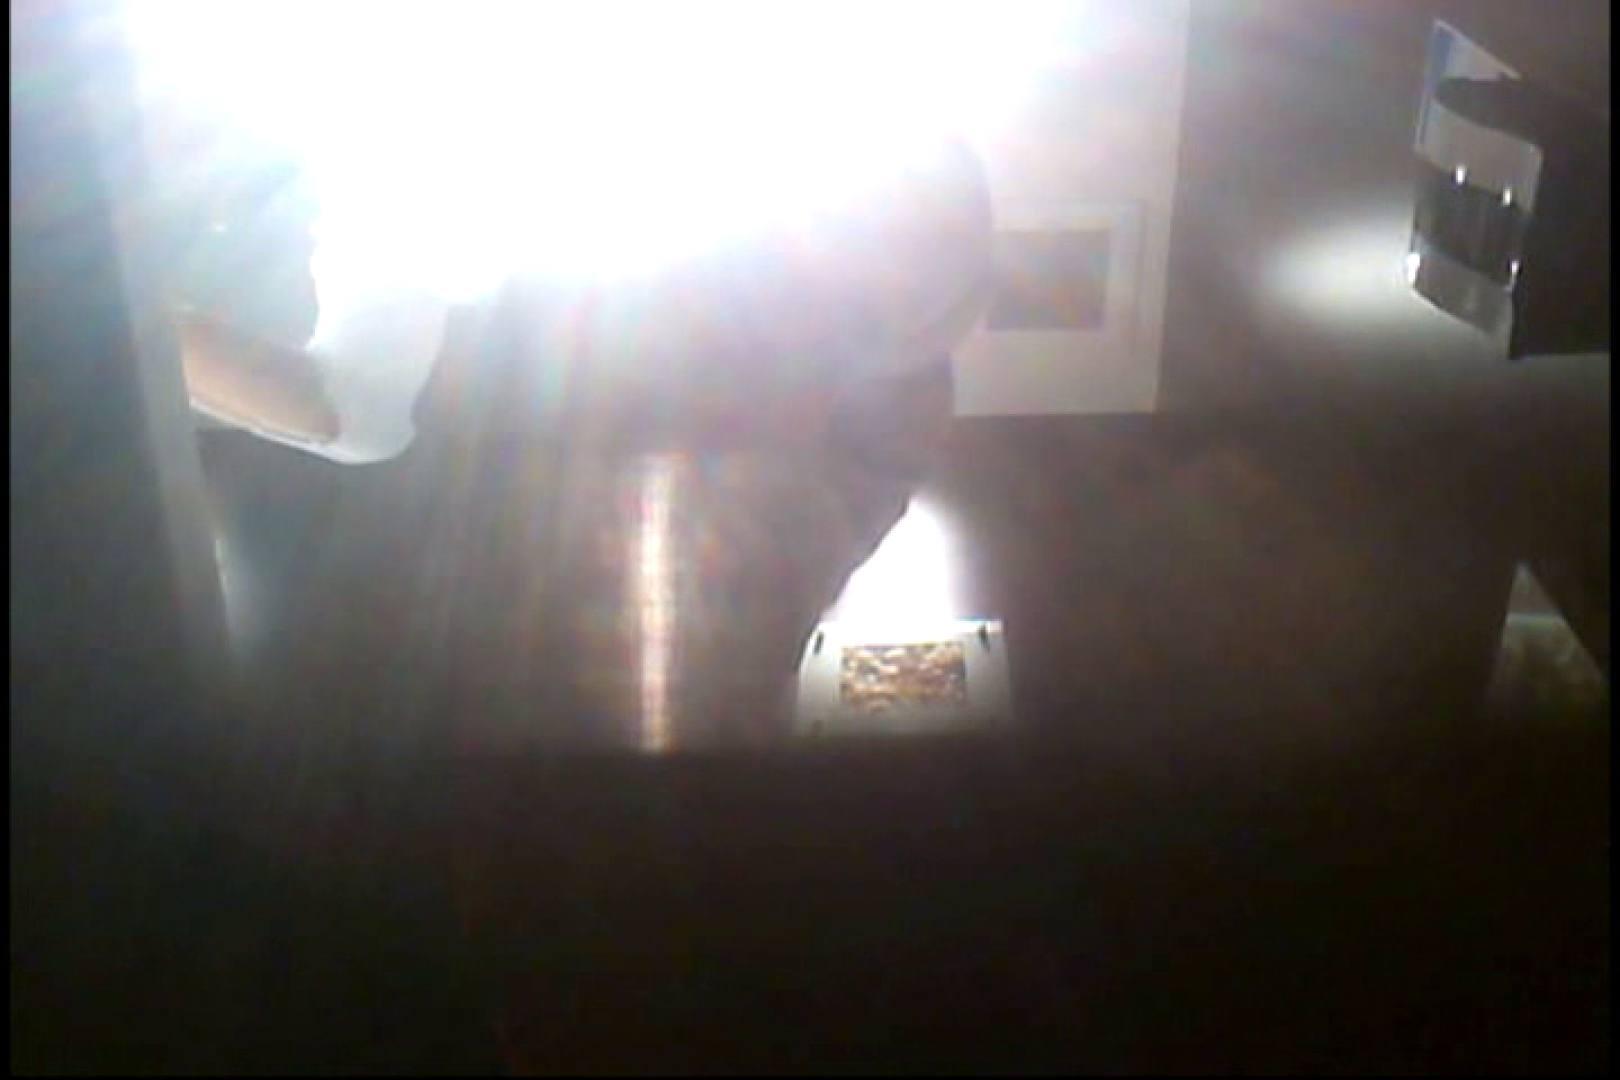 亀さんかわや VIPバージョン! vol.36 マンコ無修正 隠し撮りオマンコ動画紹介 103画像 52